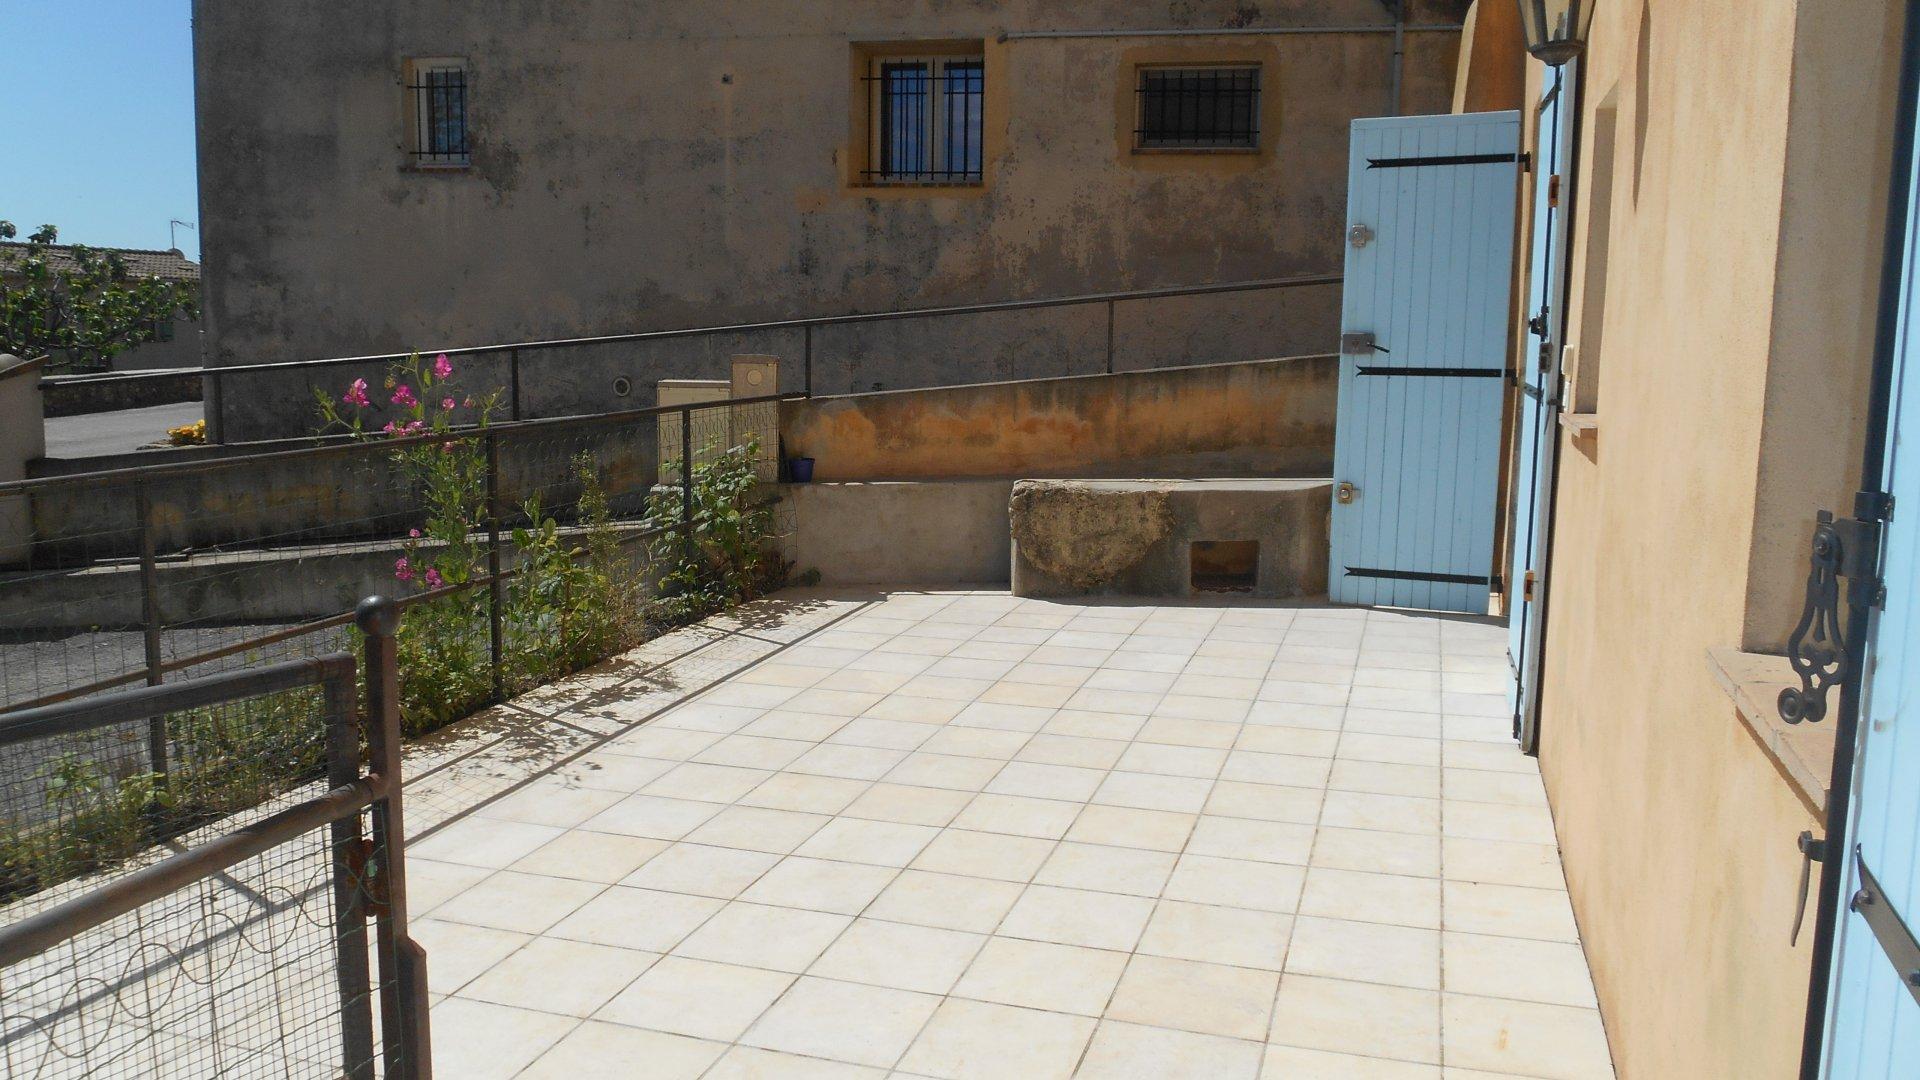 GRASSE SUD - Dans un mas ancien rénové, beau 3 pièces de 96 m²